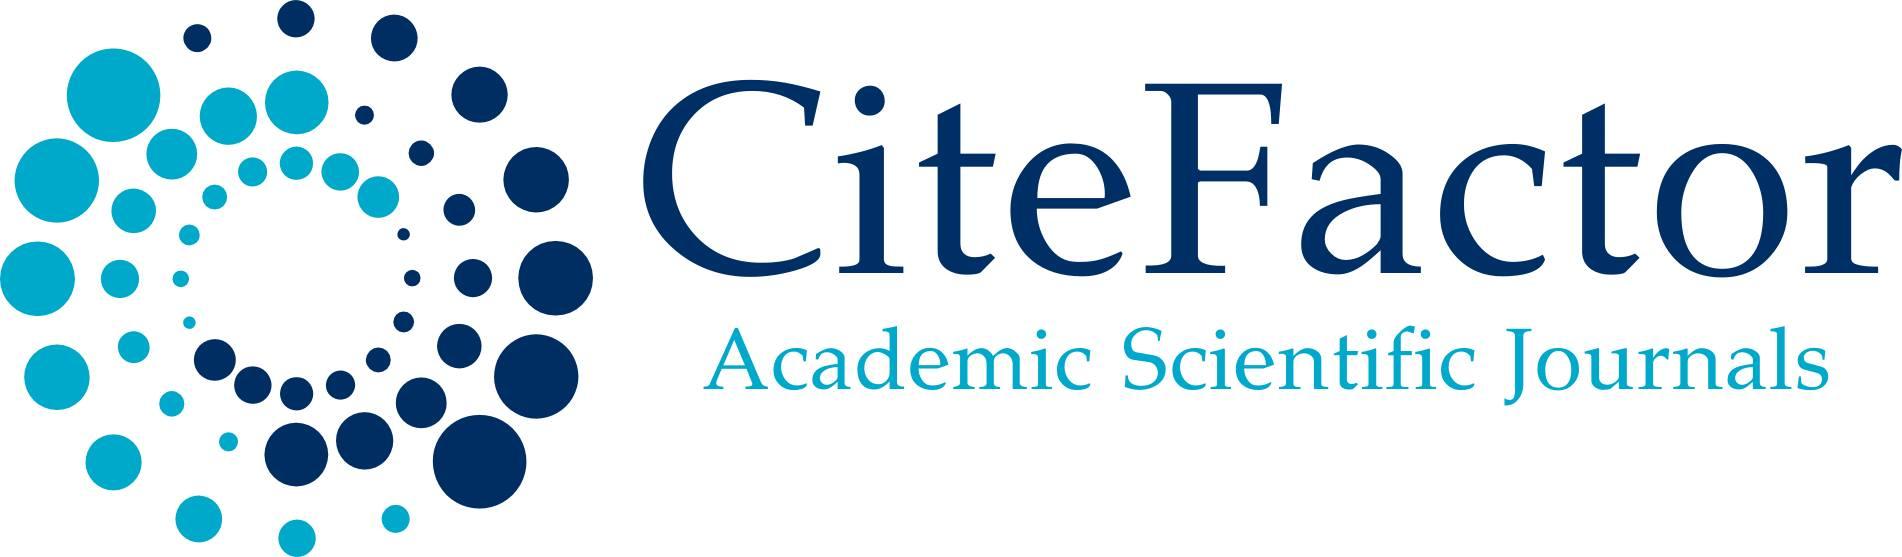 Науковий журнал УДФСУ включили до бази CiteFactor: відтепер видання читатимуть в усьому світі